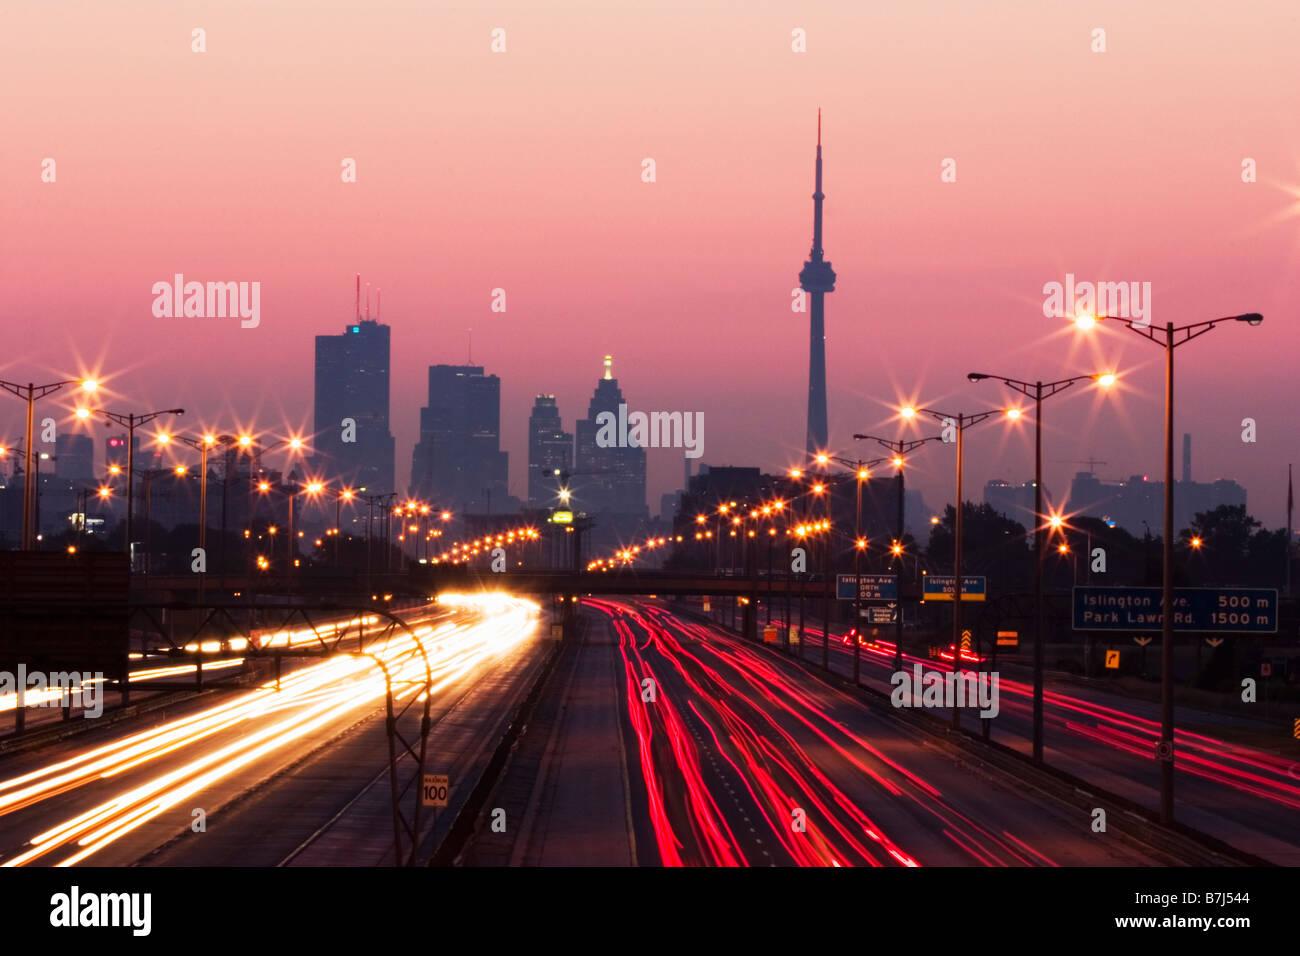 Vista del horizonte de Toronto desde arriba Queen Elizabeth Way highway durante el inicio de la hora punta de tráfico, Imagen De Stock